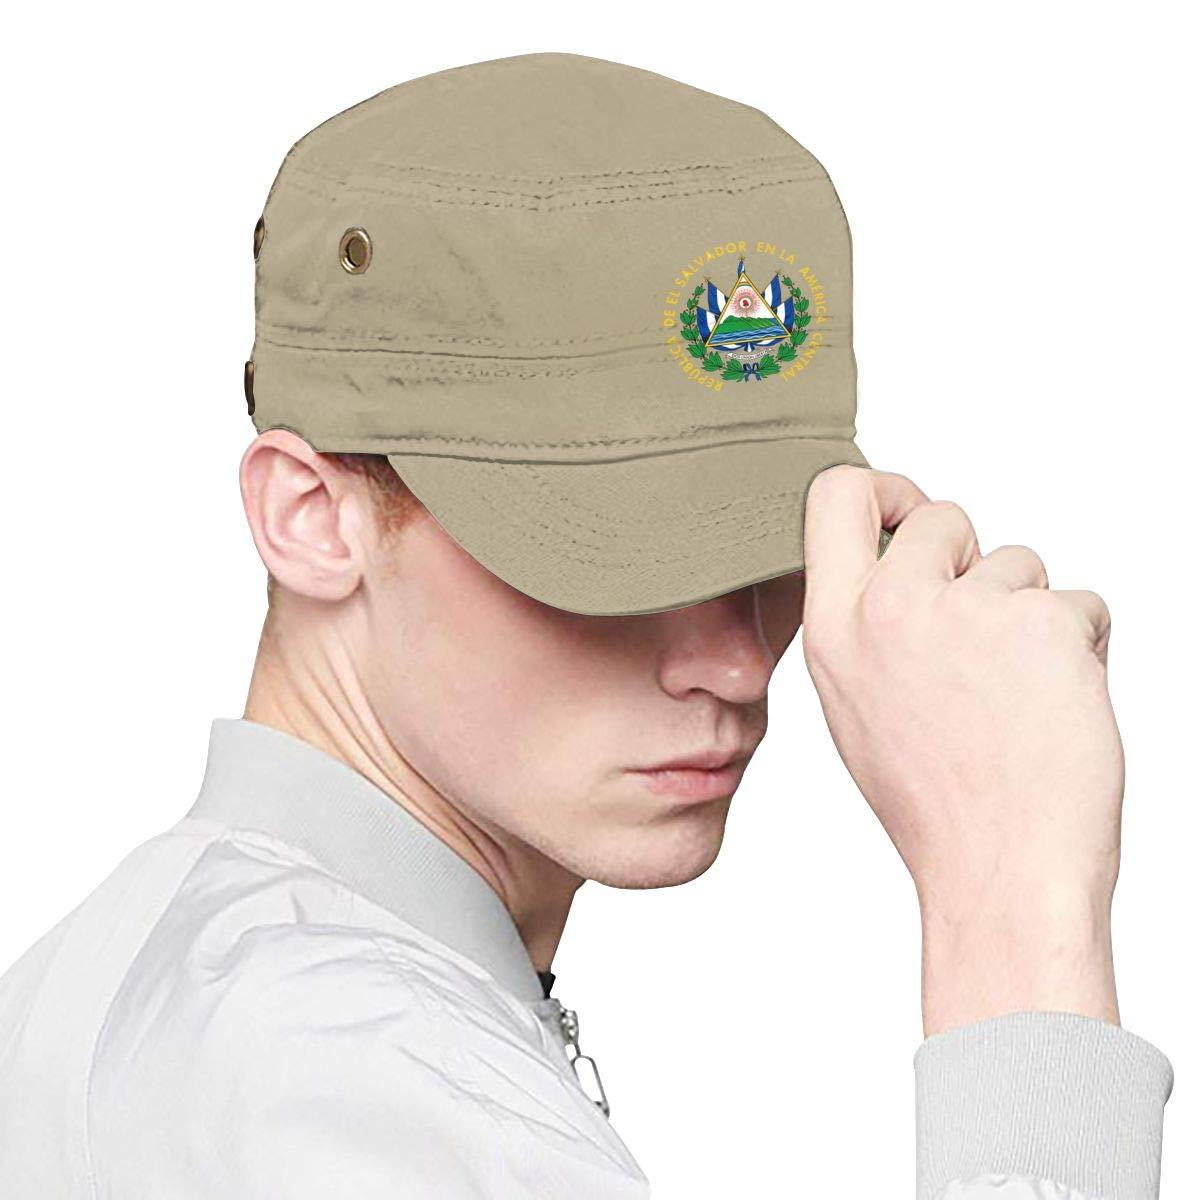 El Salvador Flag Unisex Adult Cotton Military Army Cap Flat Top Hat